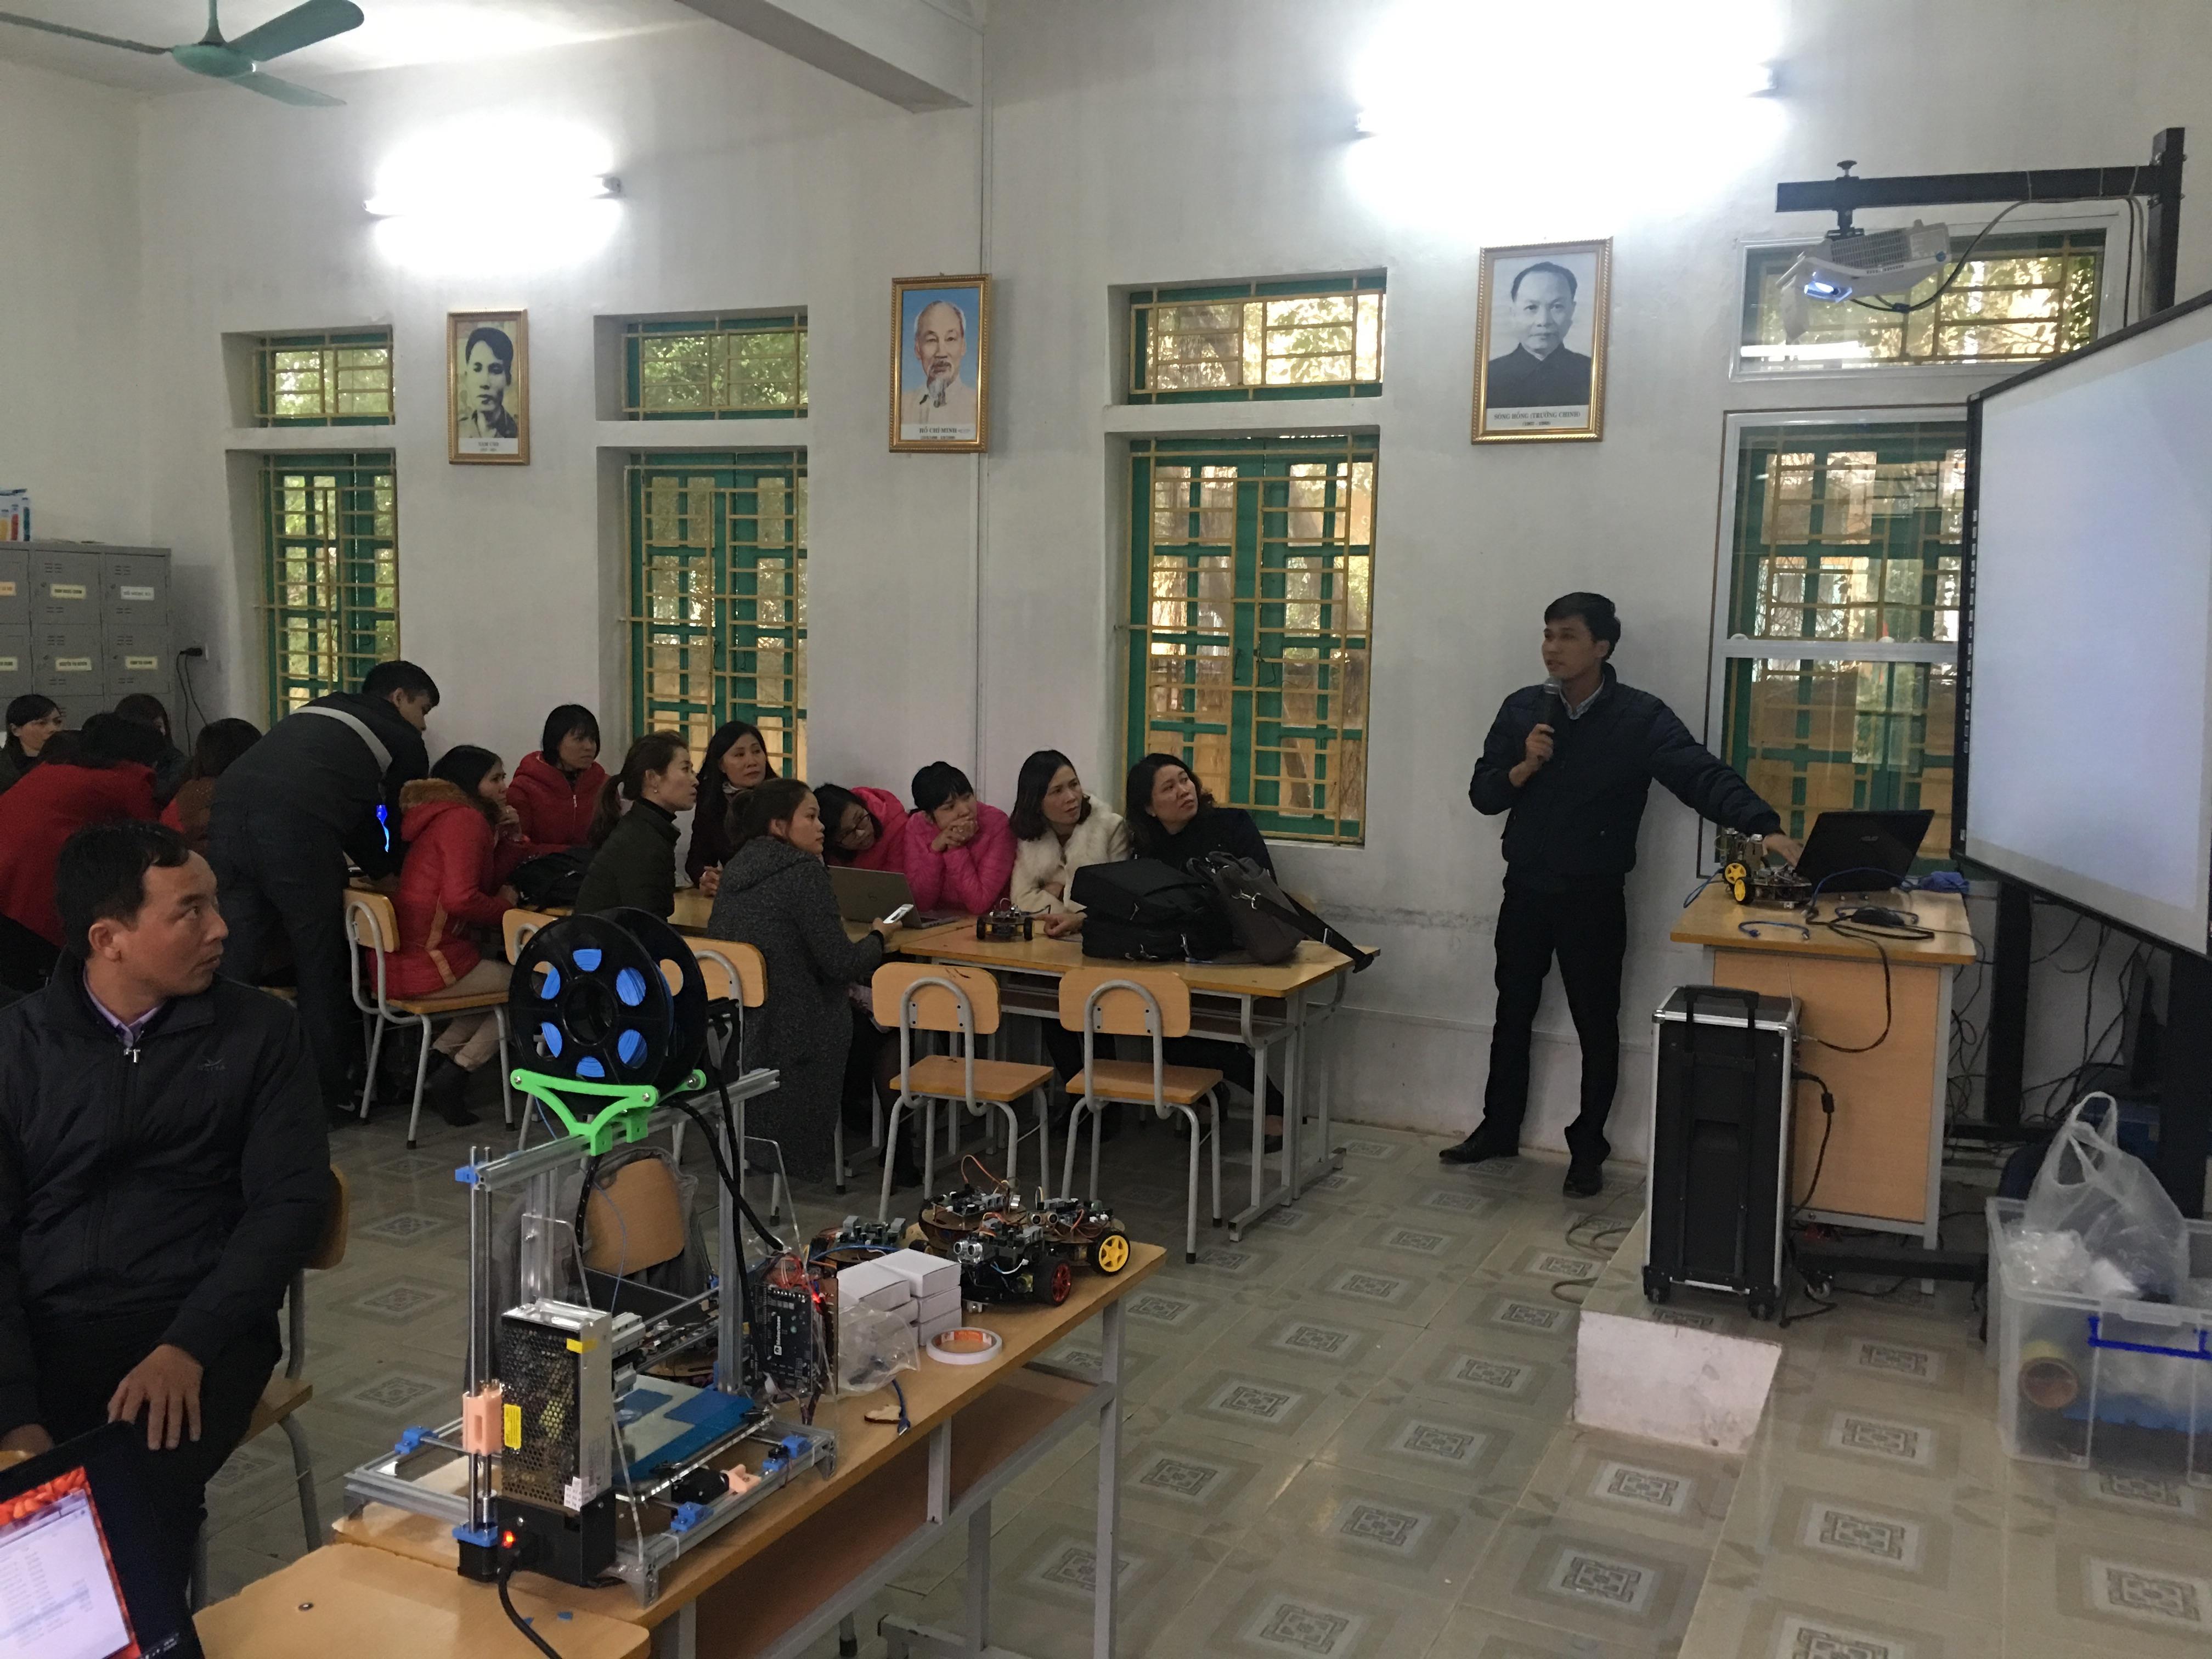 Tháng 11/2017, thầy Tạ Văn Cảnh và cô Lương Thị Phượng (trường THCS Nguyễn Hiền, Nam Trực) giảng bài thực hành lập trình robot bằng phần mềm SCRATCH cho các giáo viên huyện Xuân Trường. Sau khi được học, thầy hiệu trưởng trường tiểu học Xuân Hoà (Xuân Trường, Nam Định) đã dùng giải pháp đơn giản này để lập câu lạc bộ với 3 con robot (khoảng 1,5 triệu đồng/robot). Ảnh: ĐHS